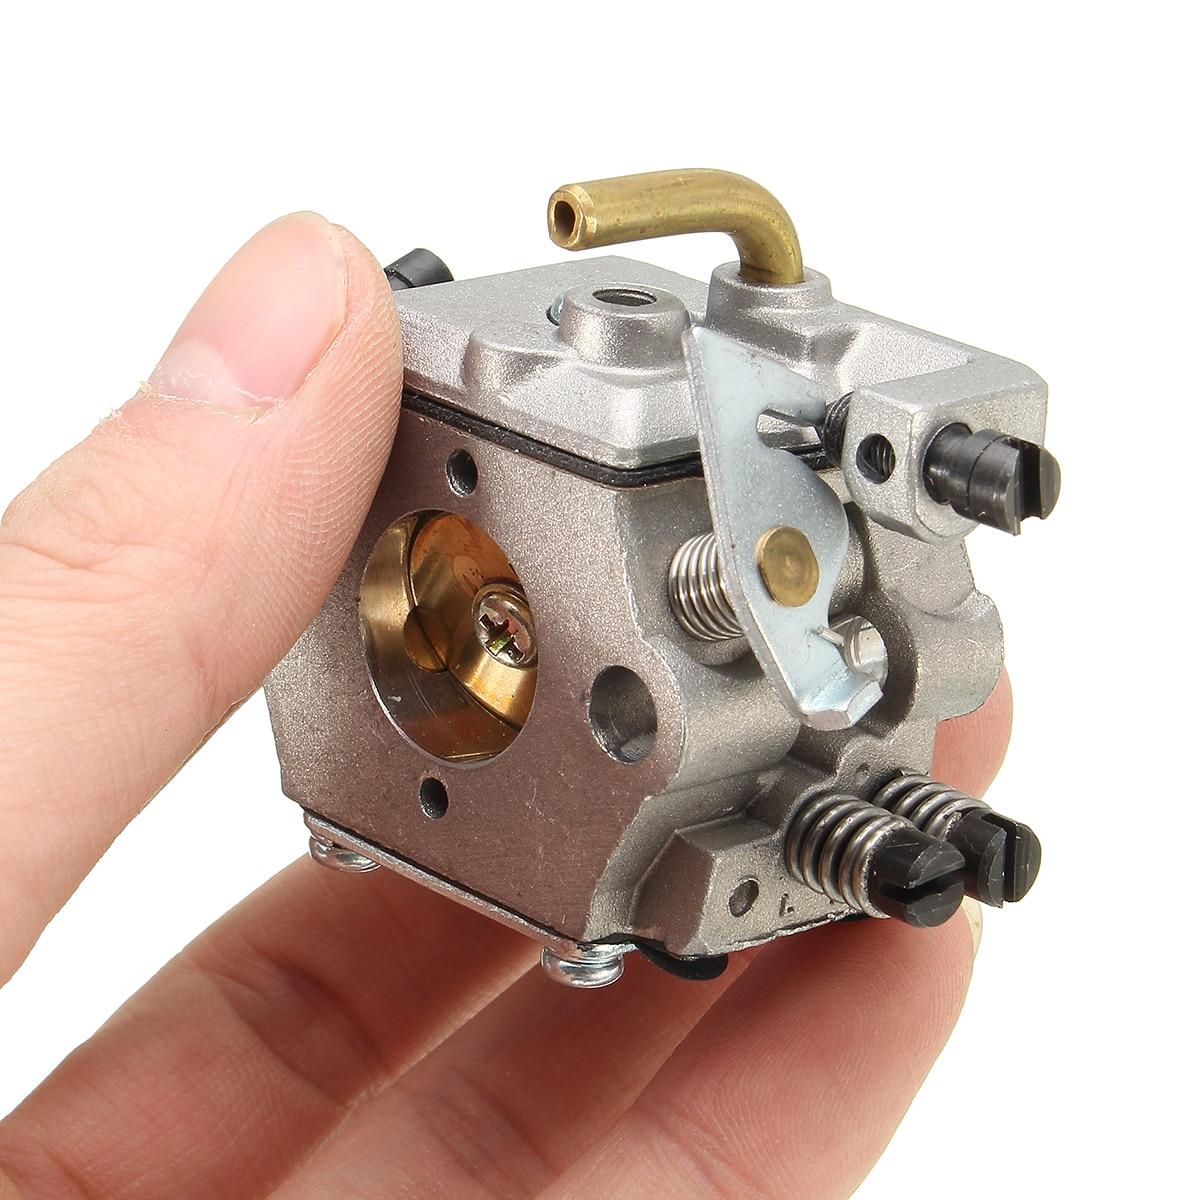 Регулировка карбюратора бензопилы: настройка, как отрегулировать, устройство, ремонт